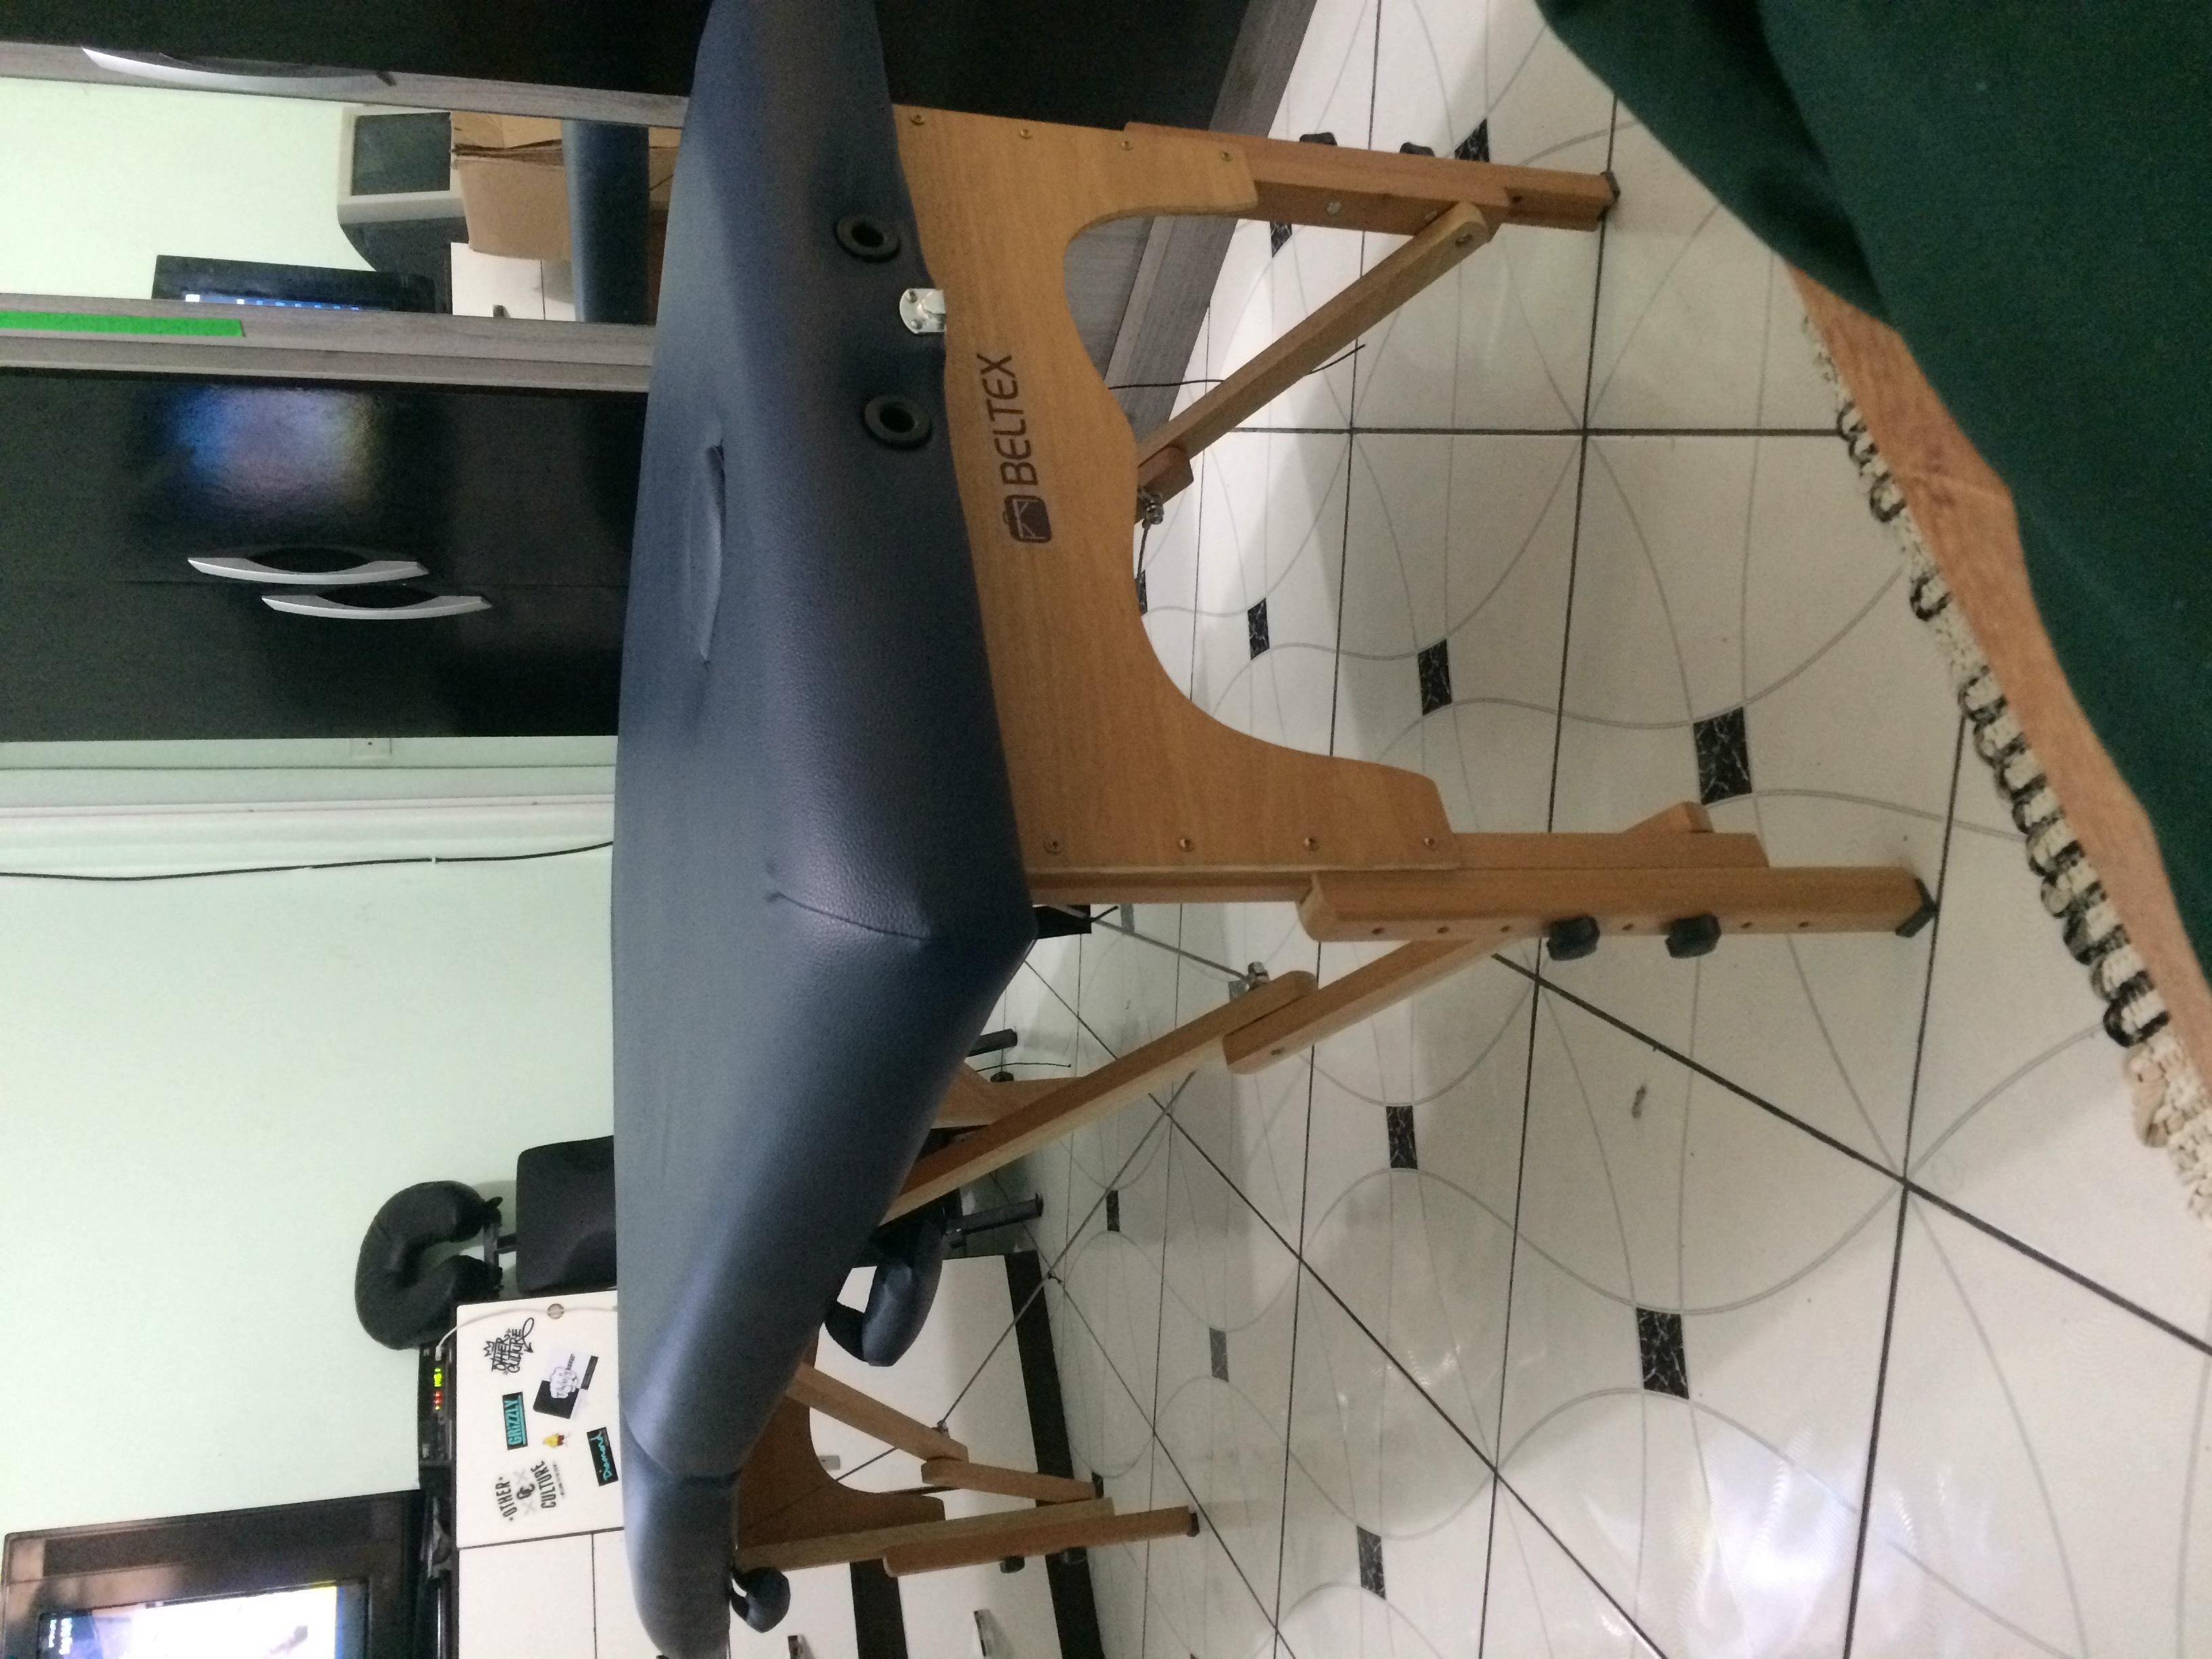 Maca BELTEX profissional, onde atendo meus clientes e mais atrás a cadeira Quick Massage. estética massoterapeuta